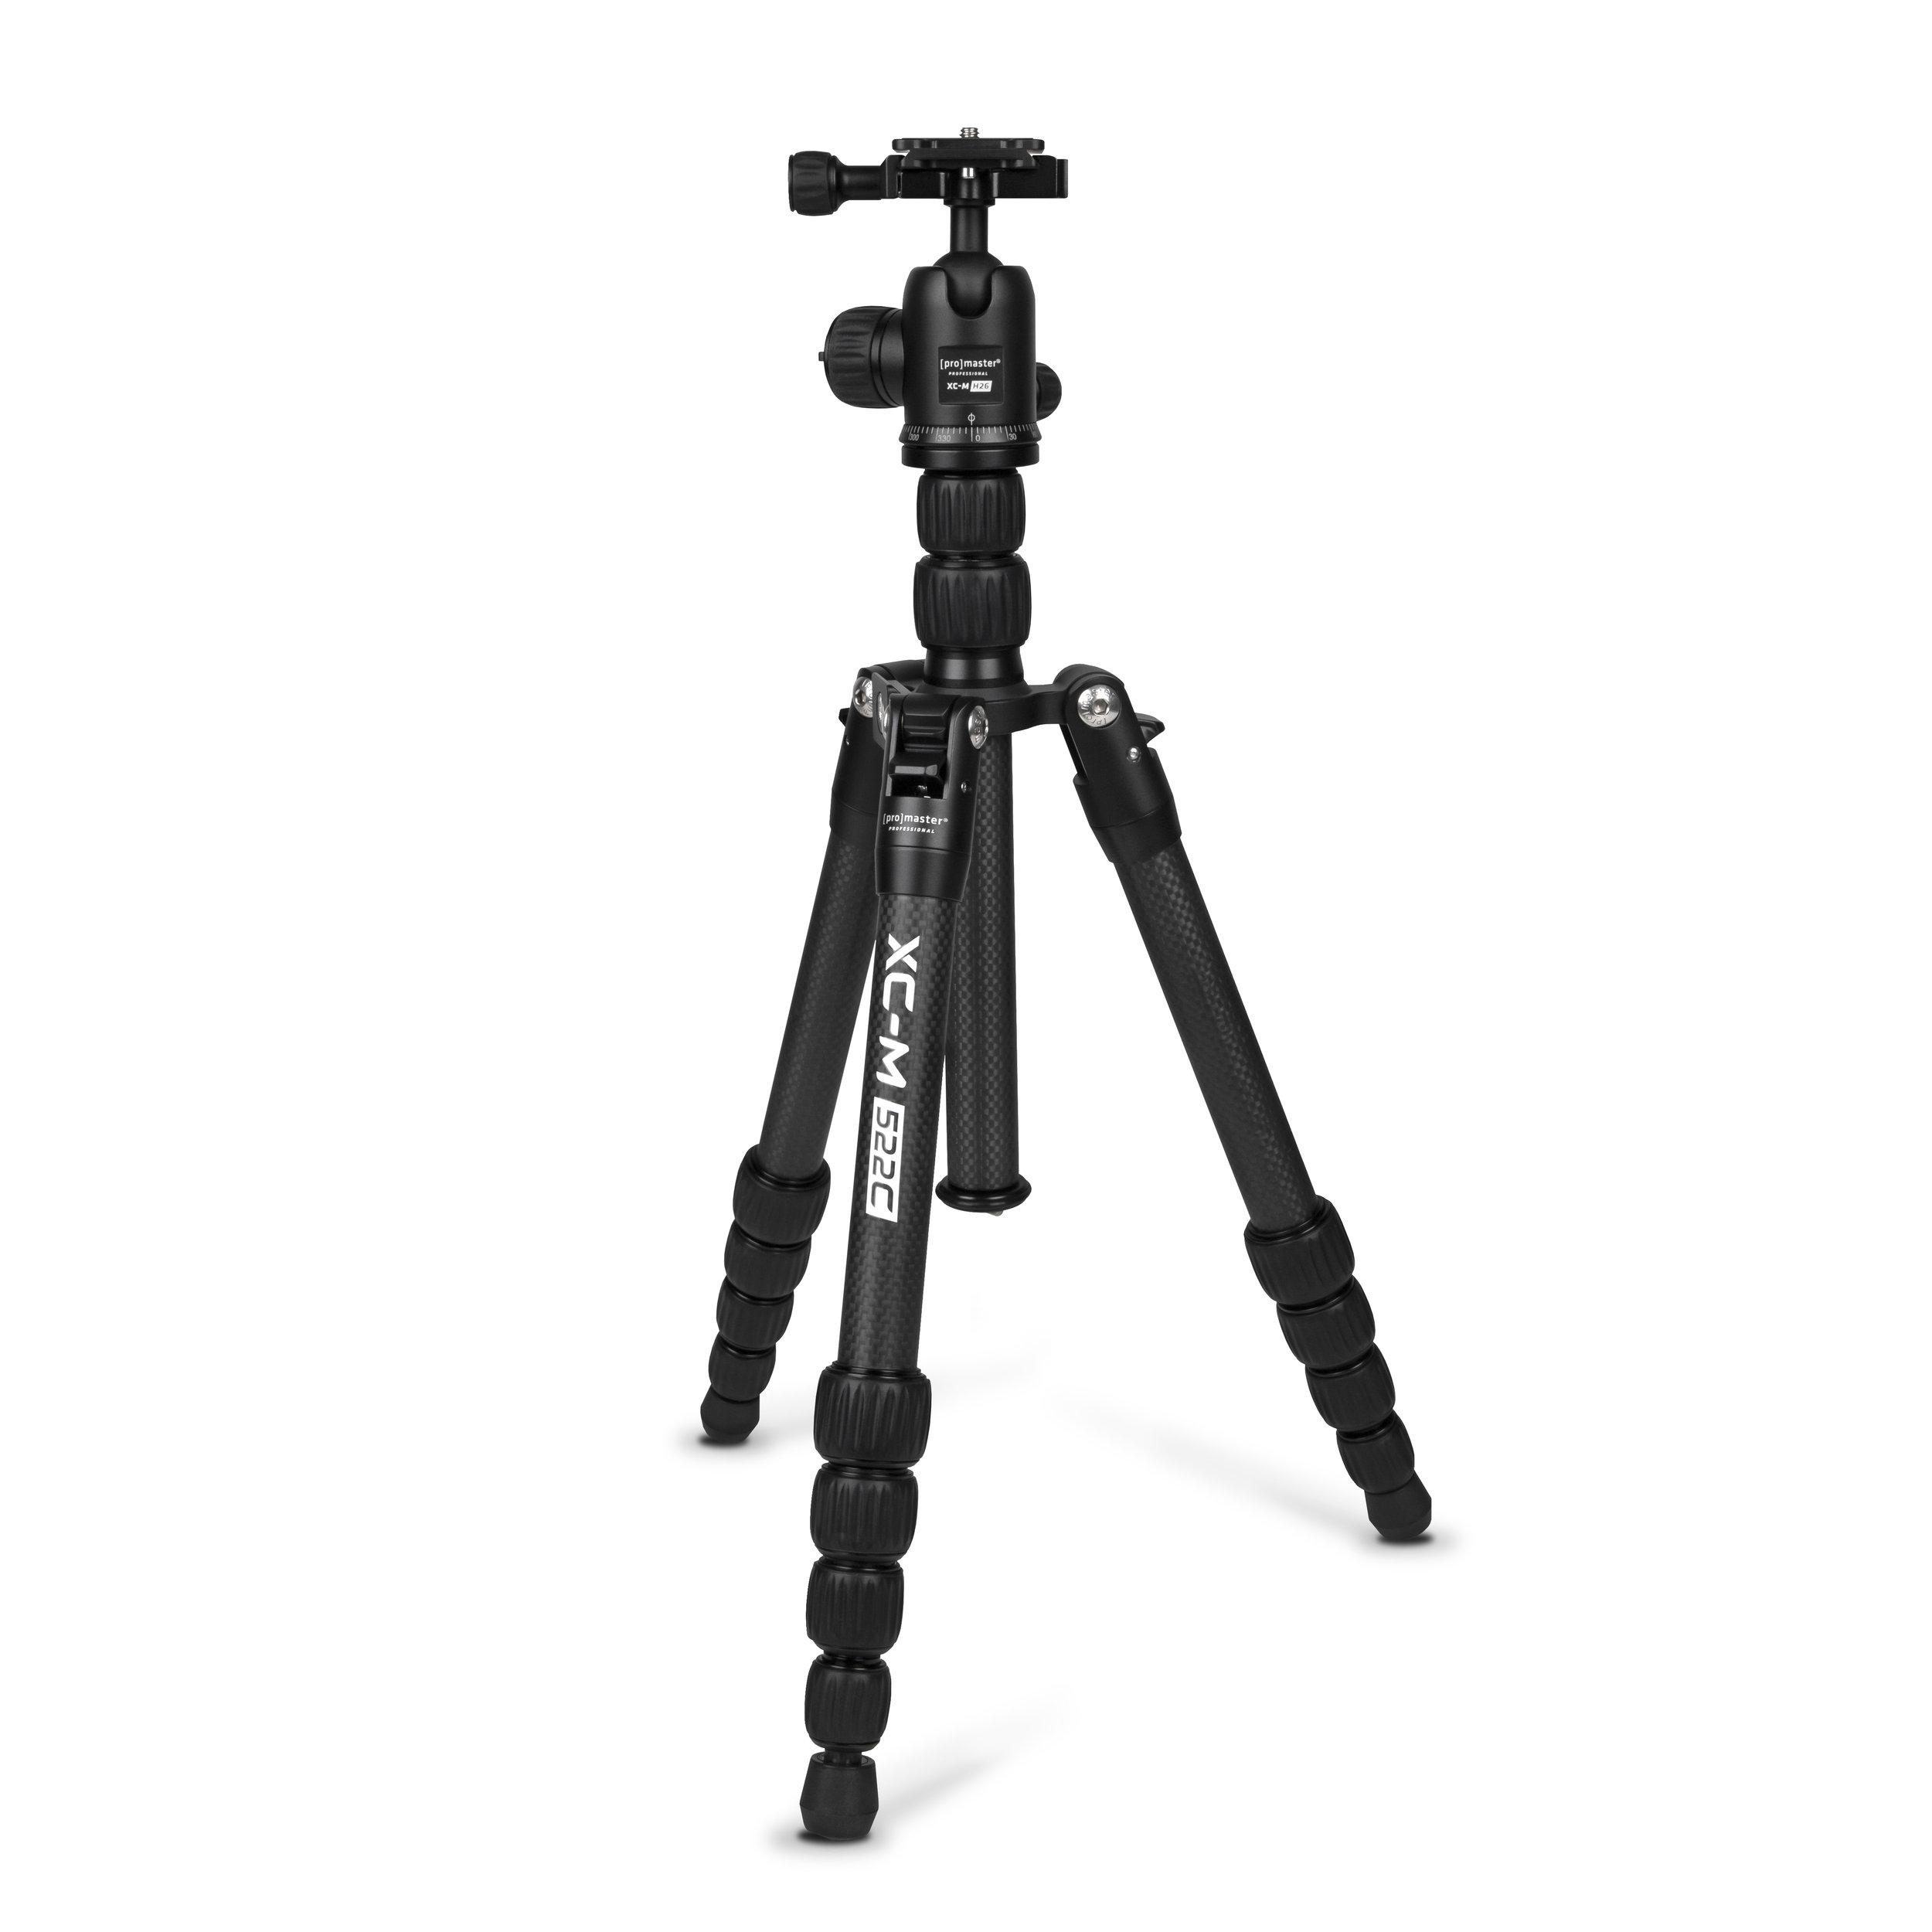 XC-M 522C CARBON FIBER - BLACK   $239.95